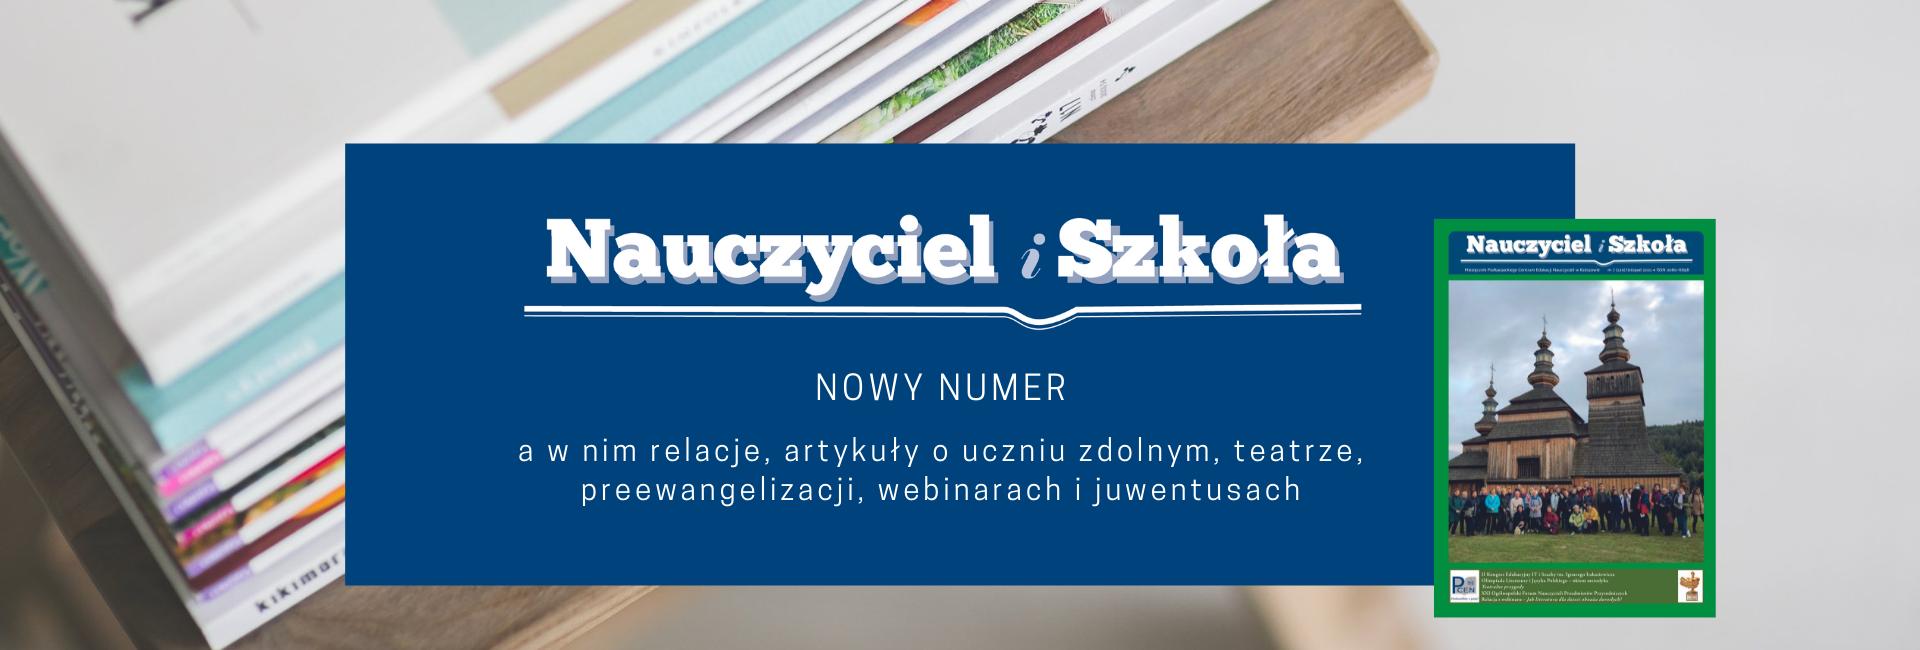 Nowy numer Nauczyciel i Szkoła a w nim relacje, artykuły o uczniu zdolnym, teatrze, preewangelizacji, webinarach i juwentusach